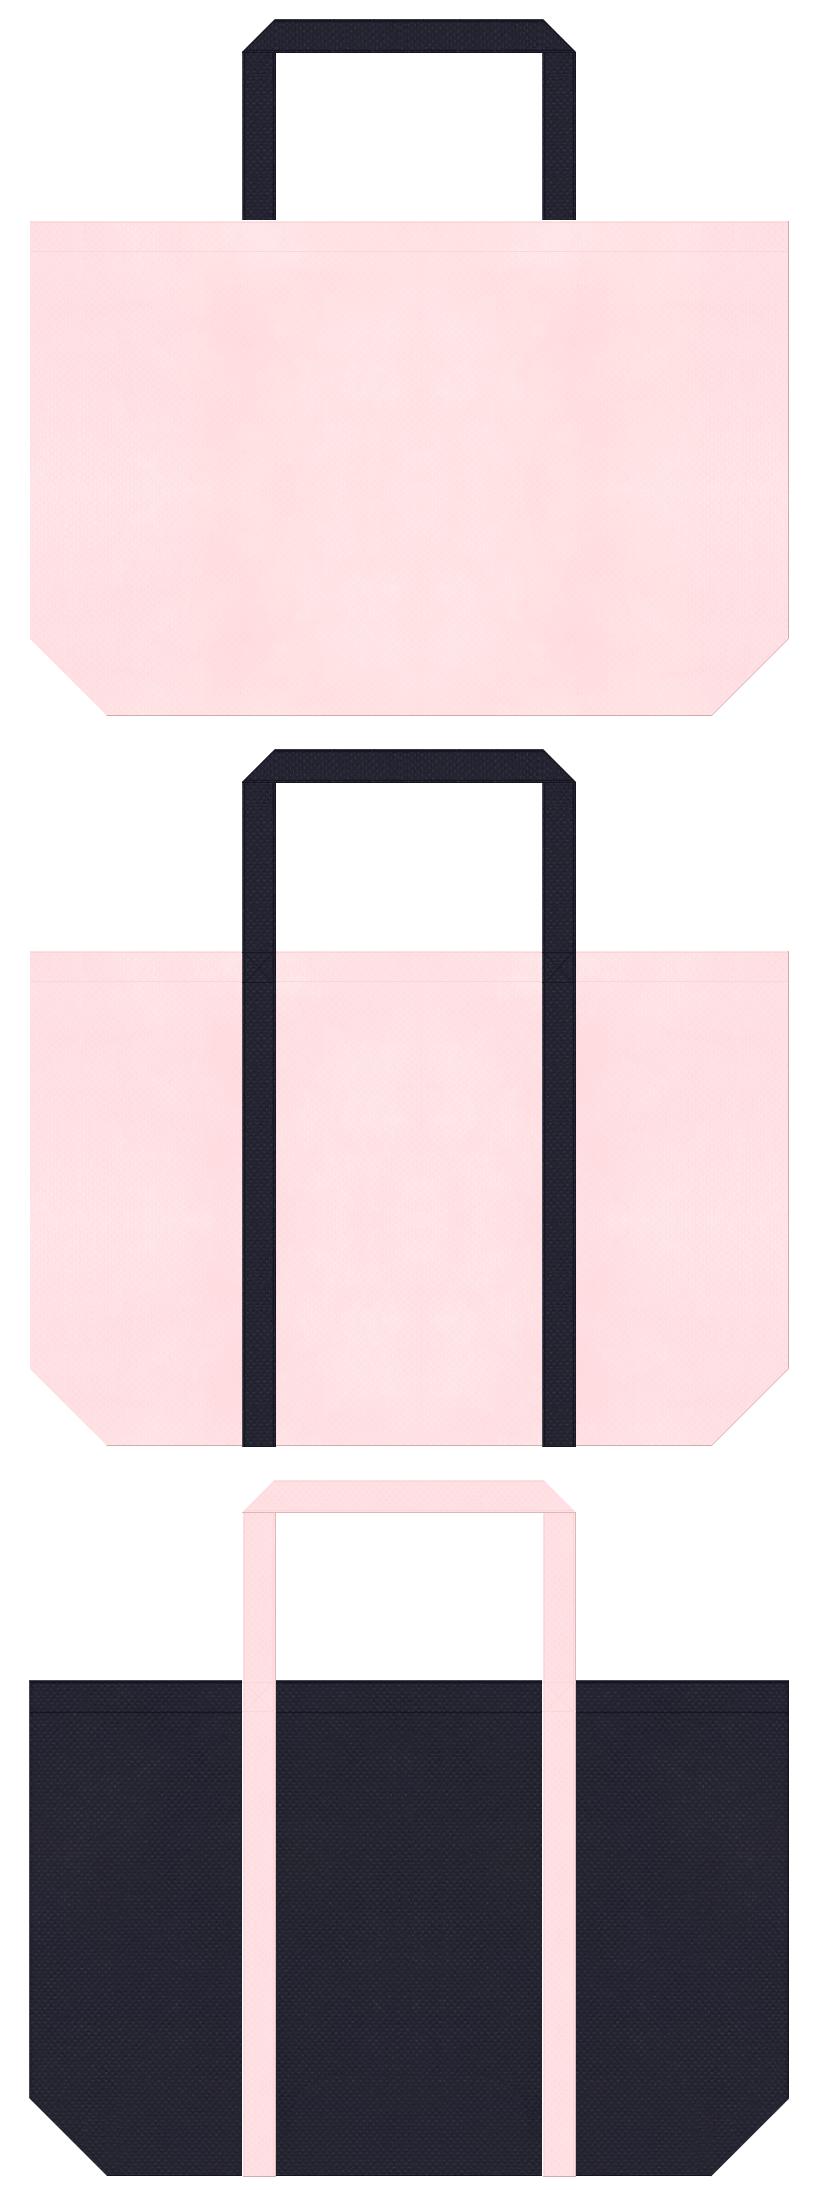 学校・学園・オープンキャンパス・学習塾・レッスンバッグ・スポーツバッグにお奨めの不織布バッグデザイン:桜色と濃紺色のコーデ